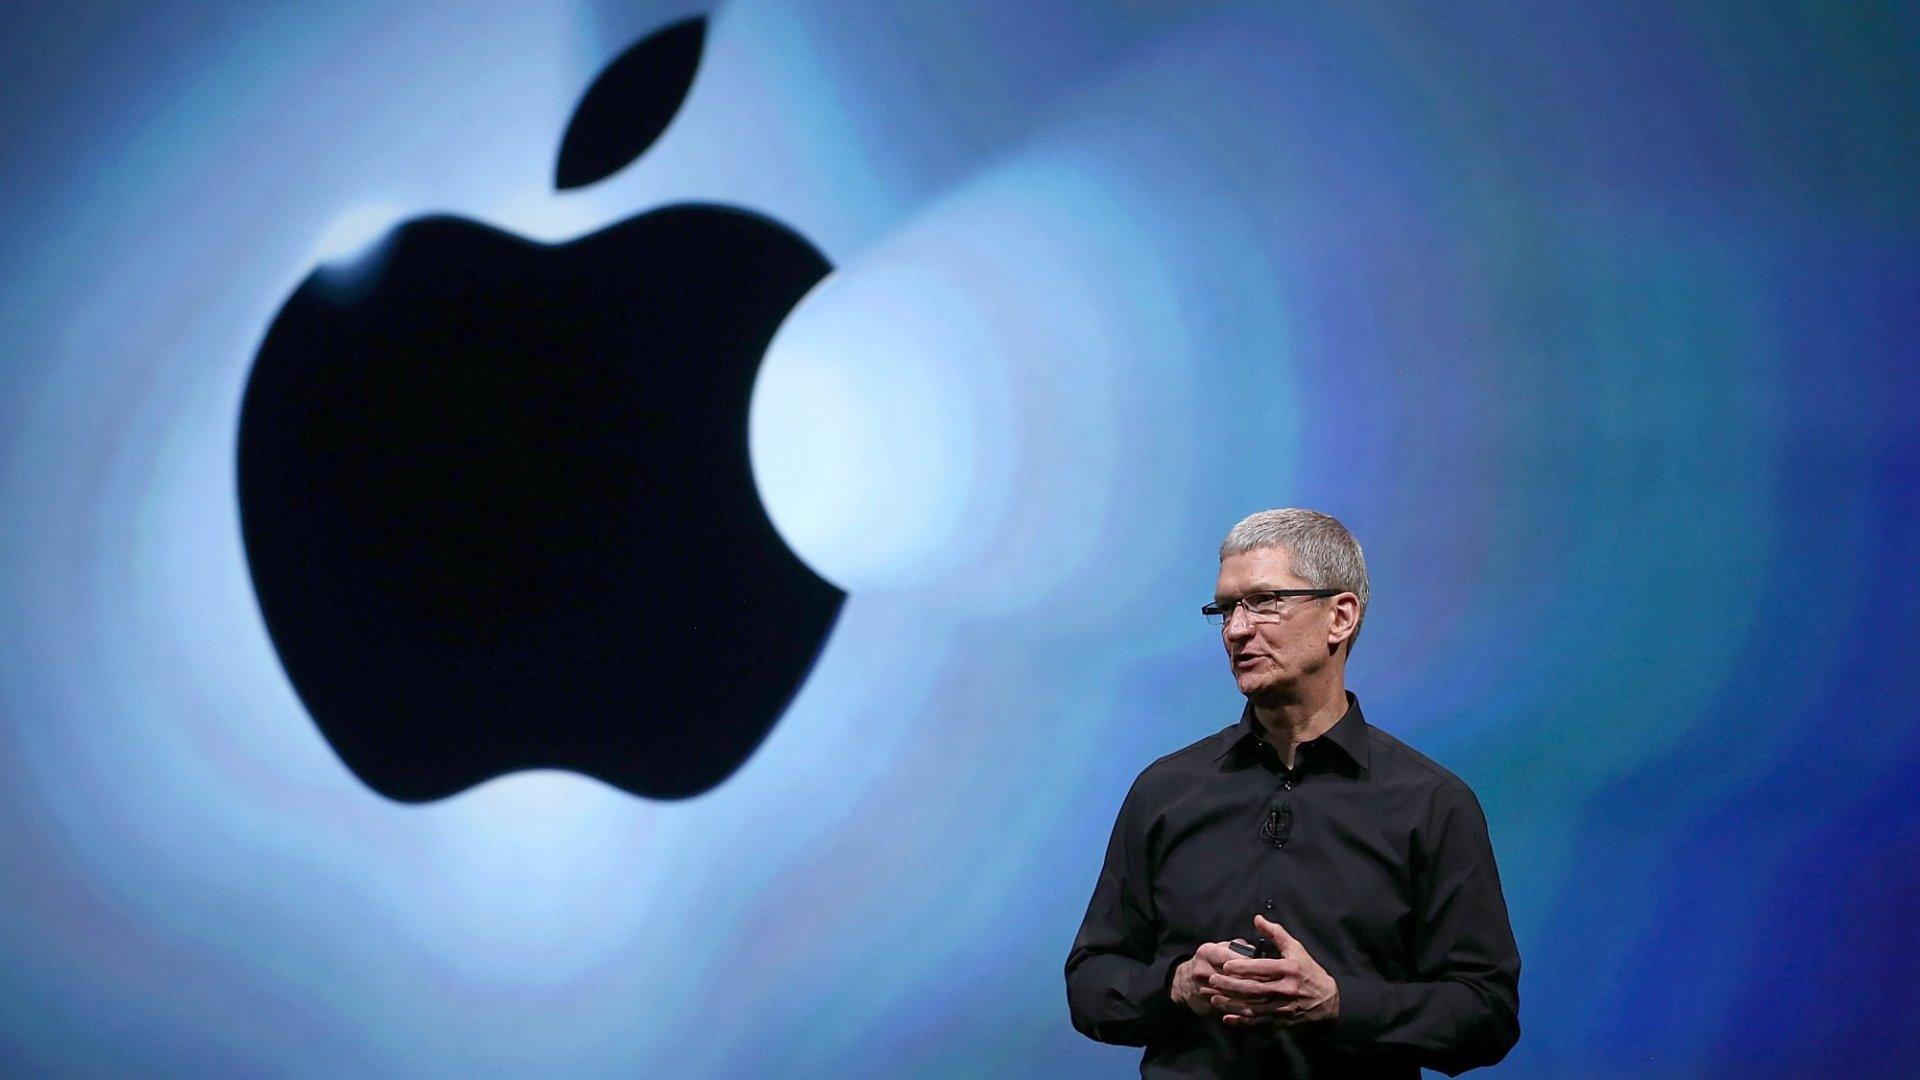 Apple Reportedly Testing Li-Fi, a Technology That Runs 100 Times Faster Than Wi-FI